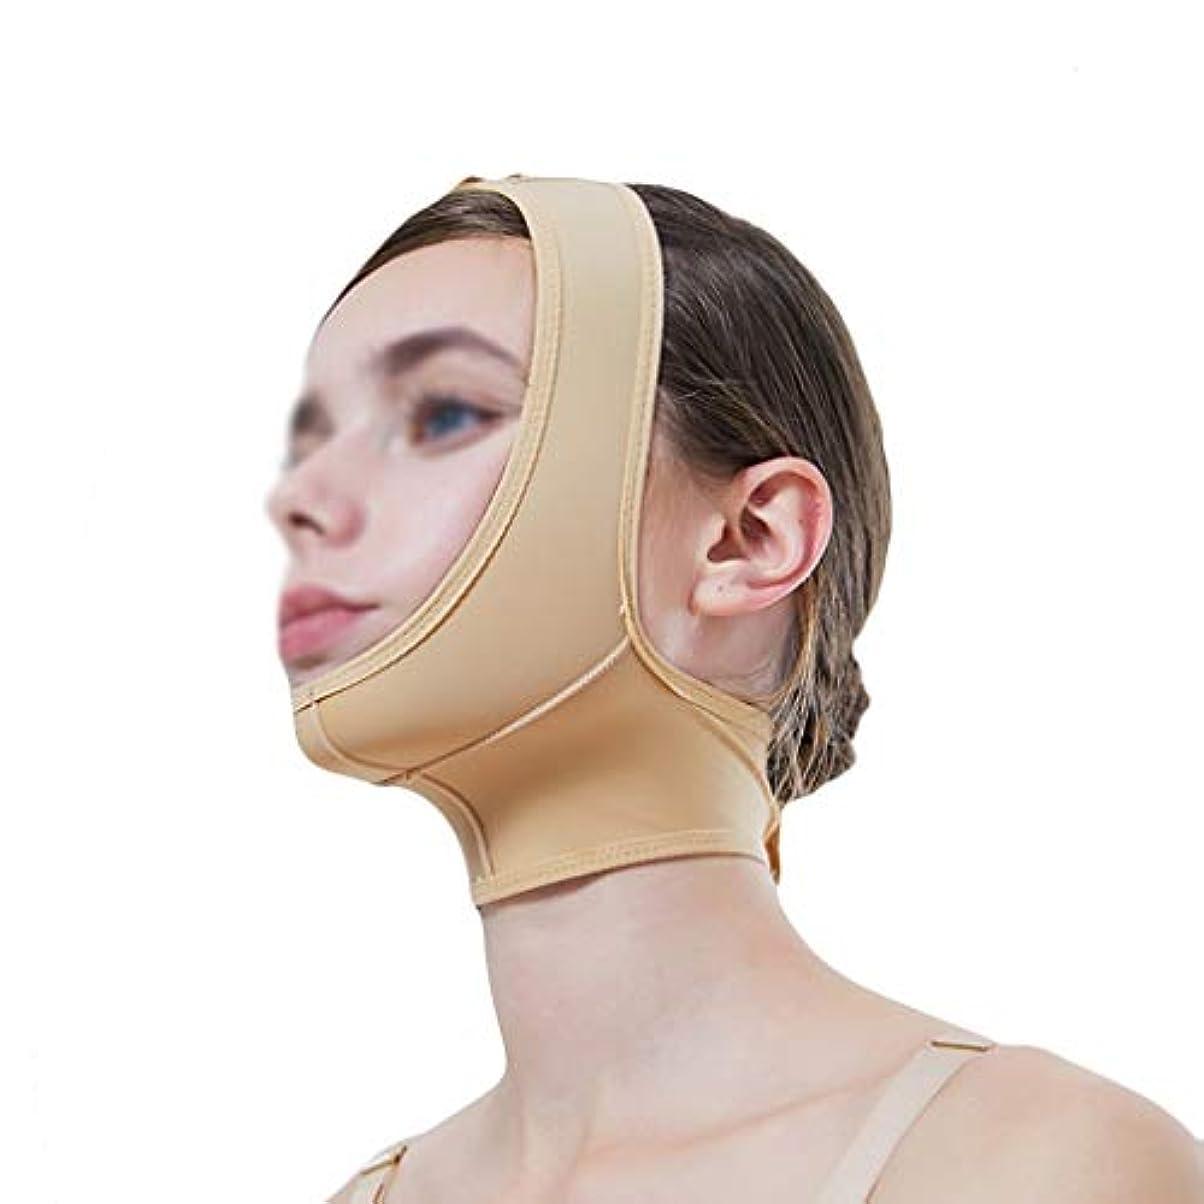 リップ演じる無視できるマスク、超薄型ベルト、フェイスリフティングに適しています、フェイスリフティング、通気性包帯、チンリフティングベルト、超薄型ベルト、通気性 (Size : XS)